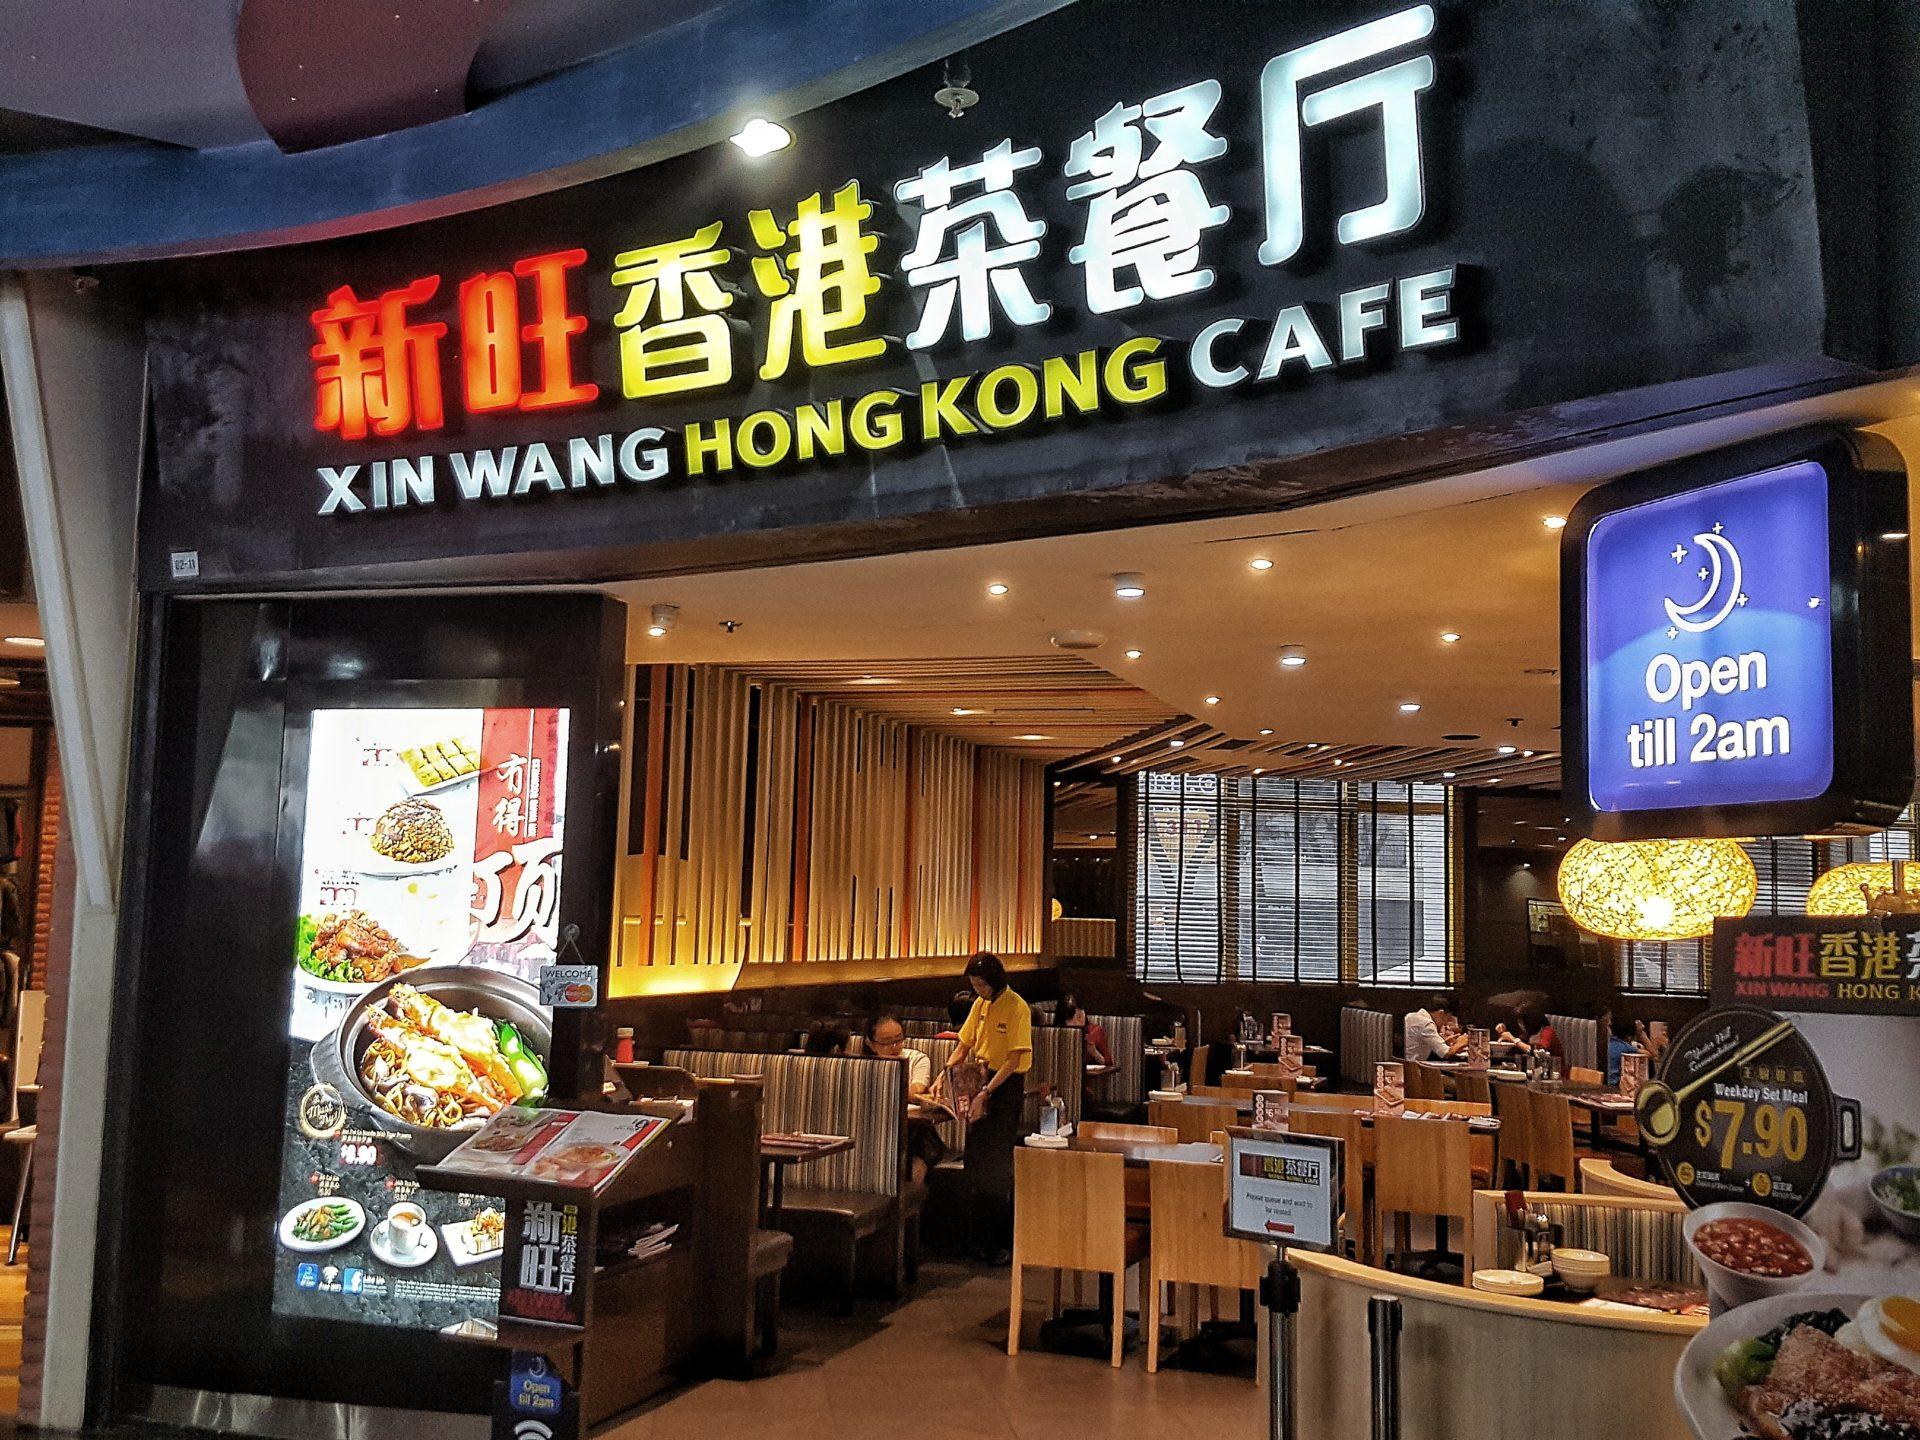 Xin Wang Hong Kong Cafe - Cineleisure Orchard Shop